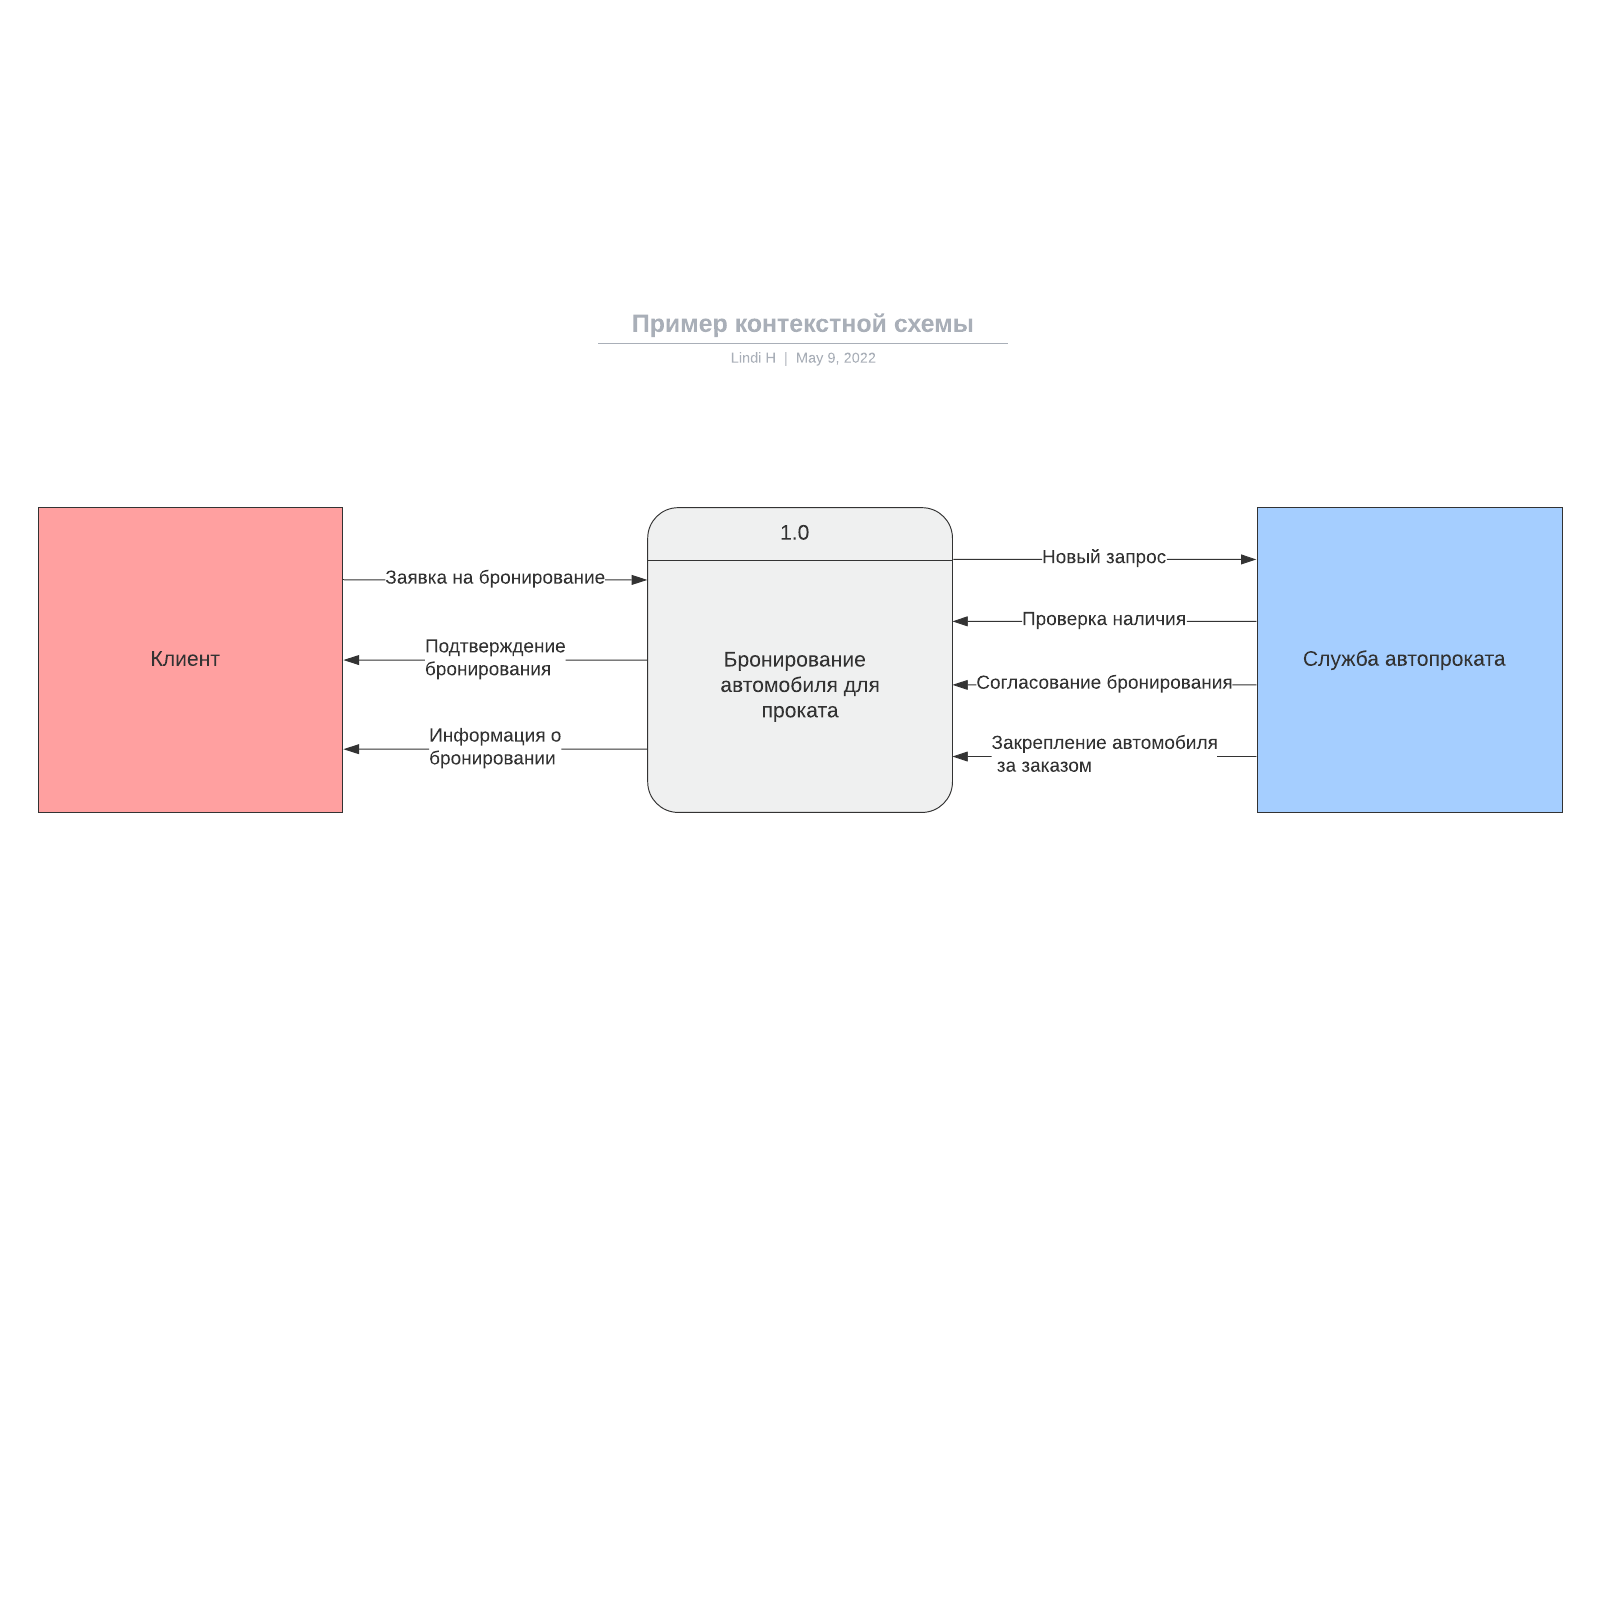 Пример контекстной схемы